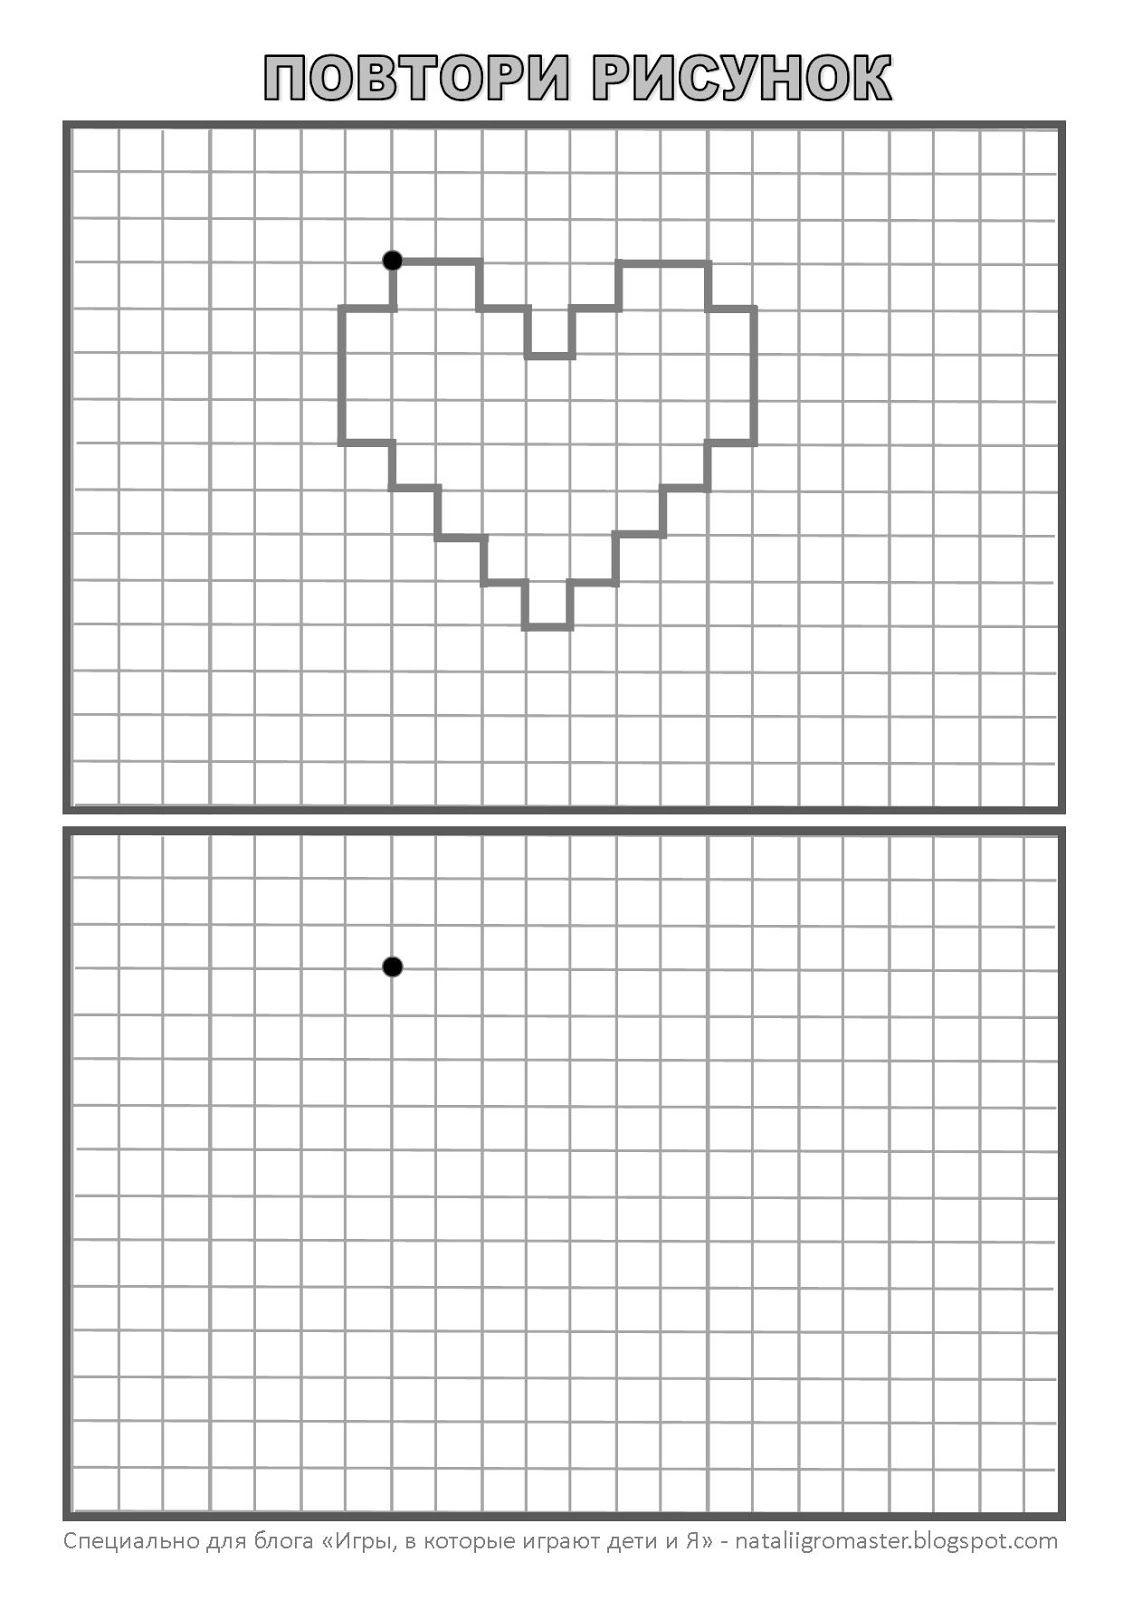 Encryptie-DECODEREN-POVTORYALKI - Print en Draw :: Games die ...